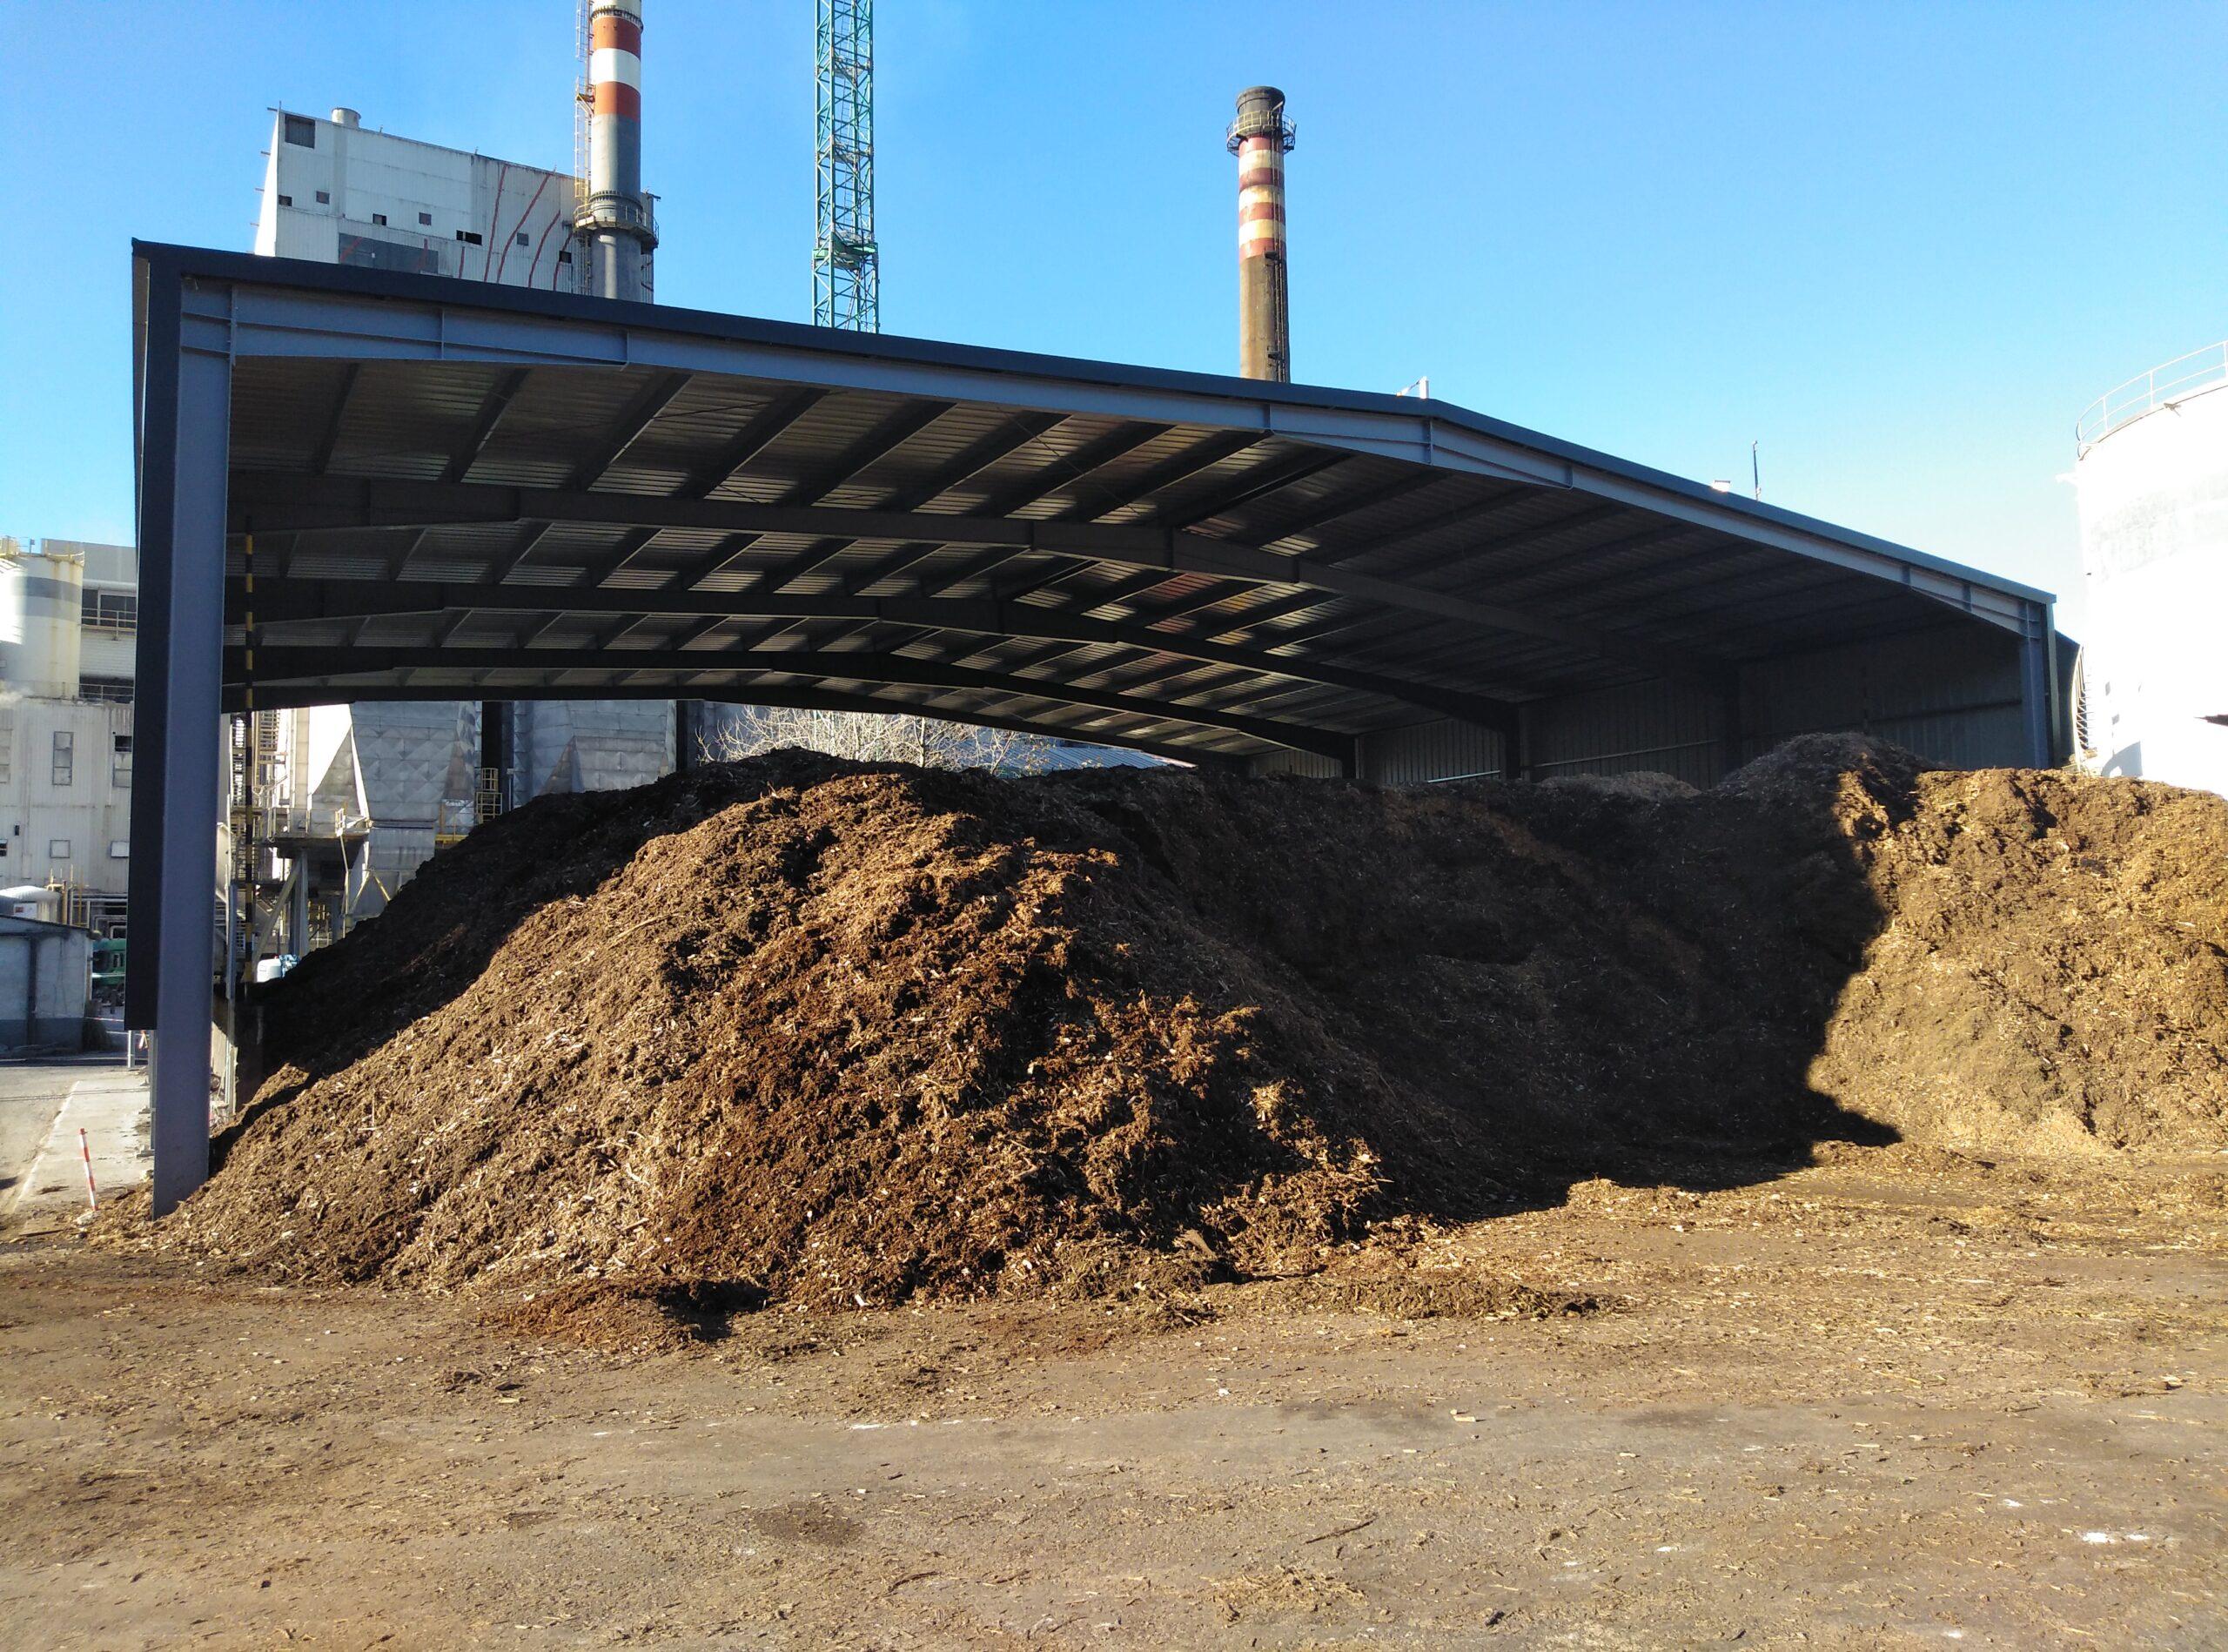 Nave biomasa ENCE - ANSI